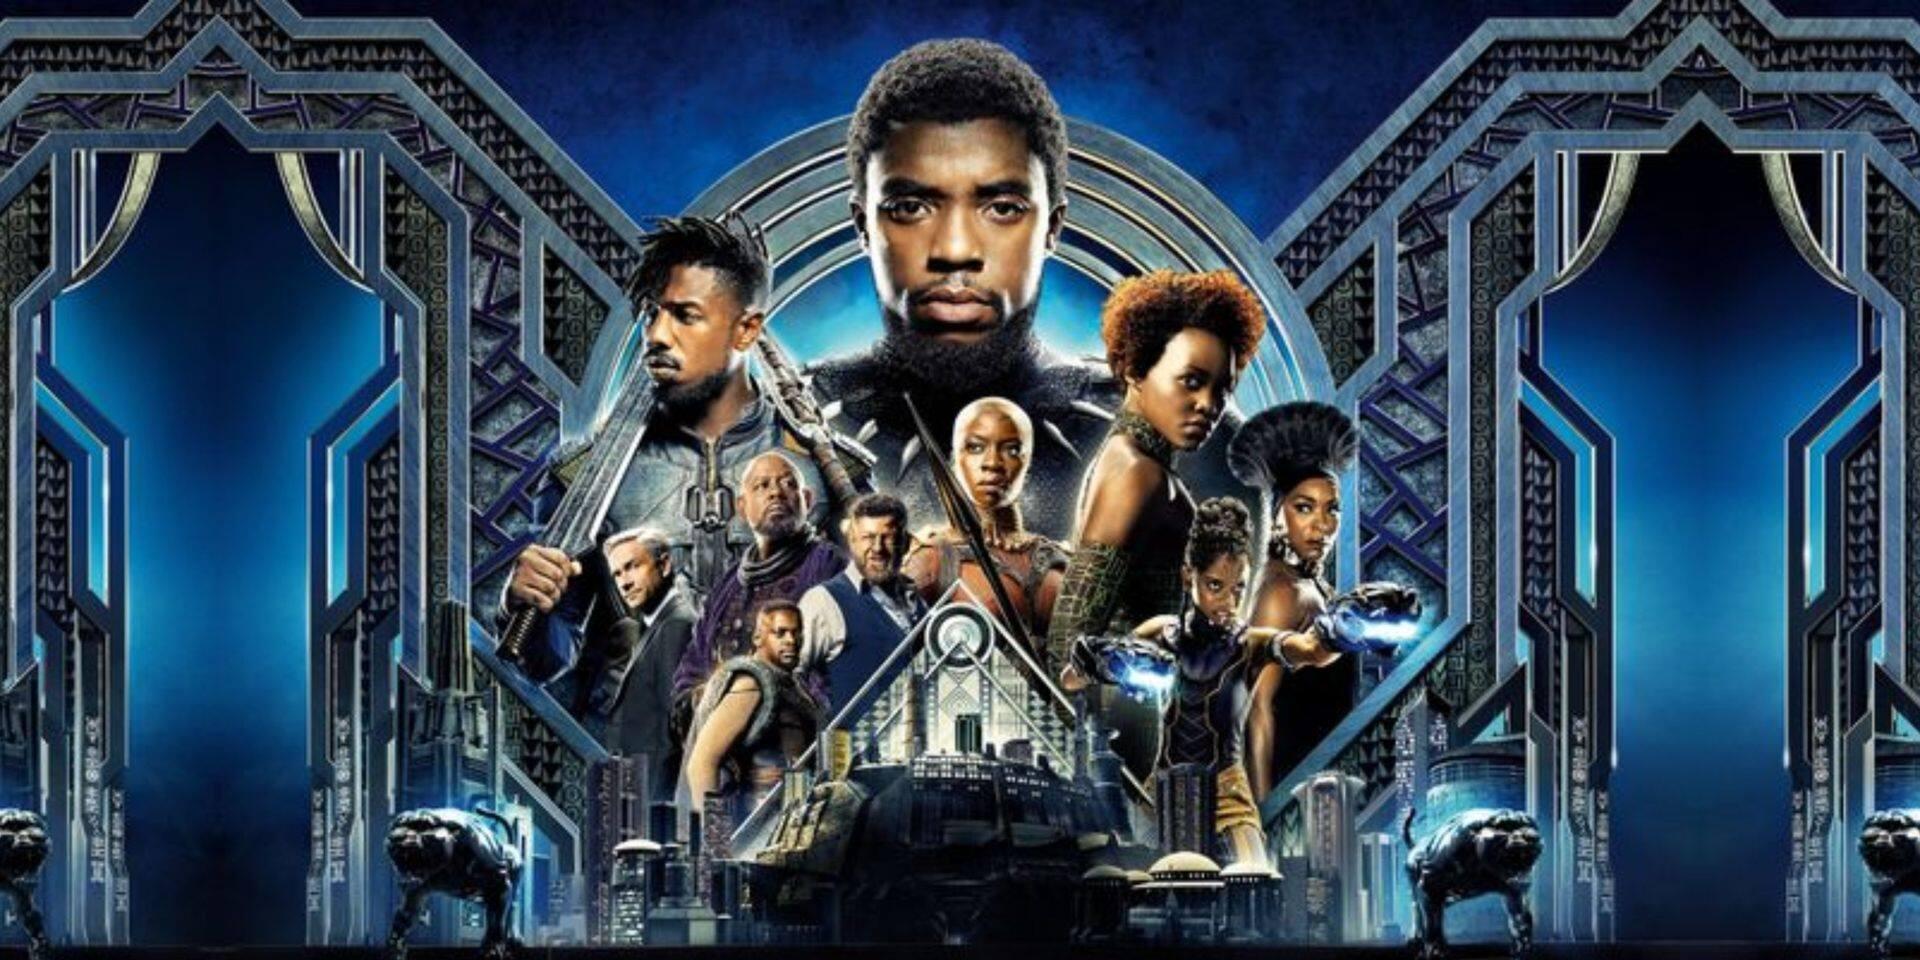 Le manque de diversité dans les films hollywoodiens coûte 130 millions $ aux blockbusters